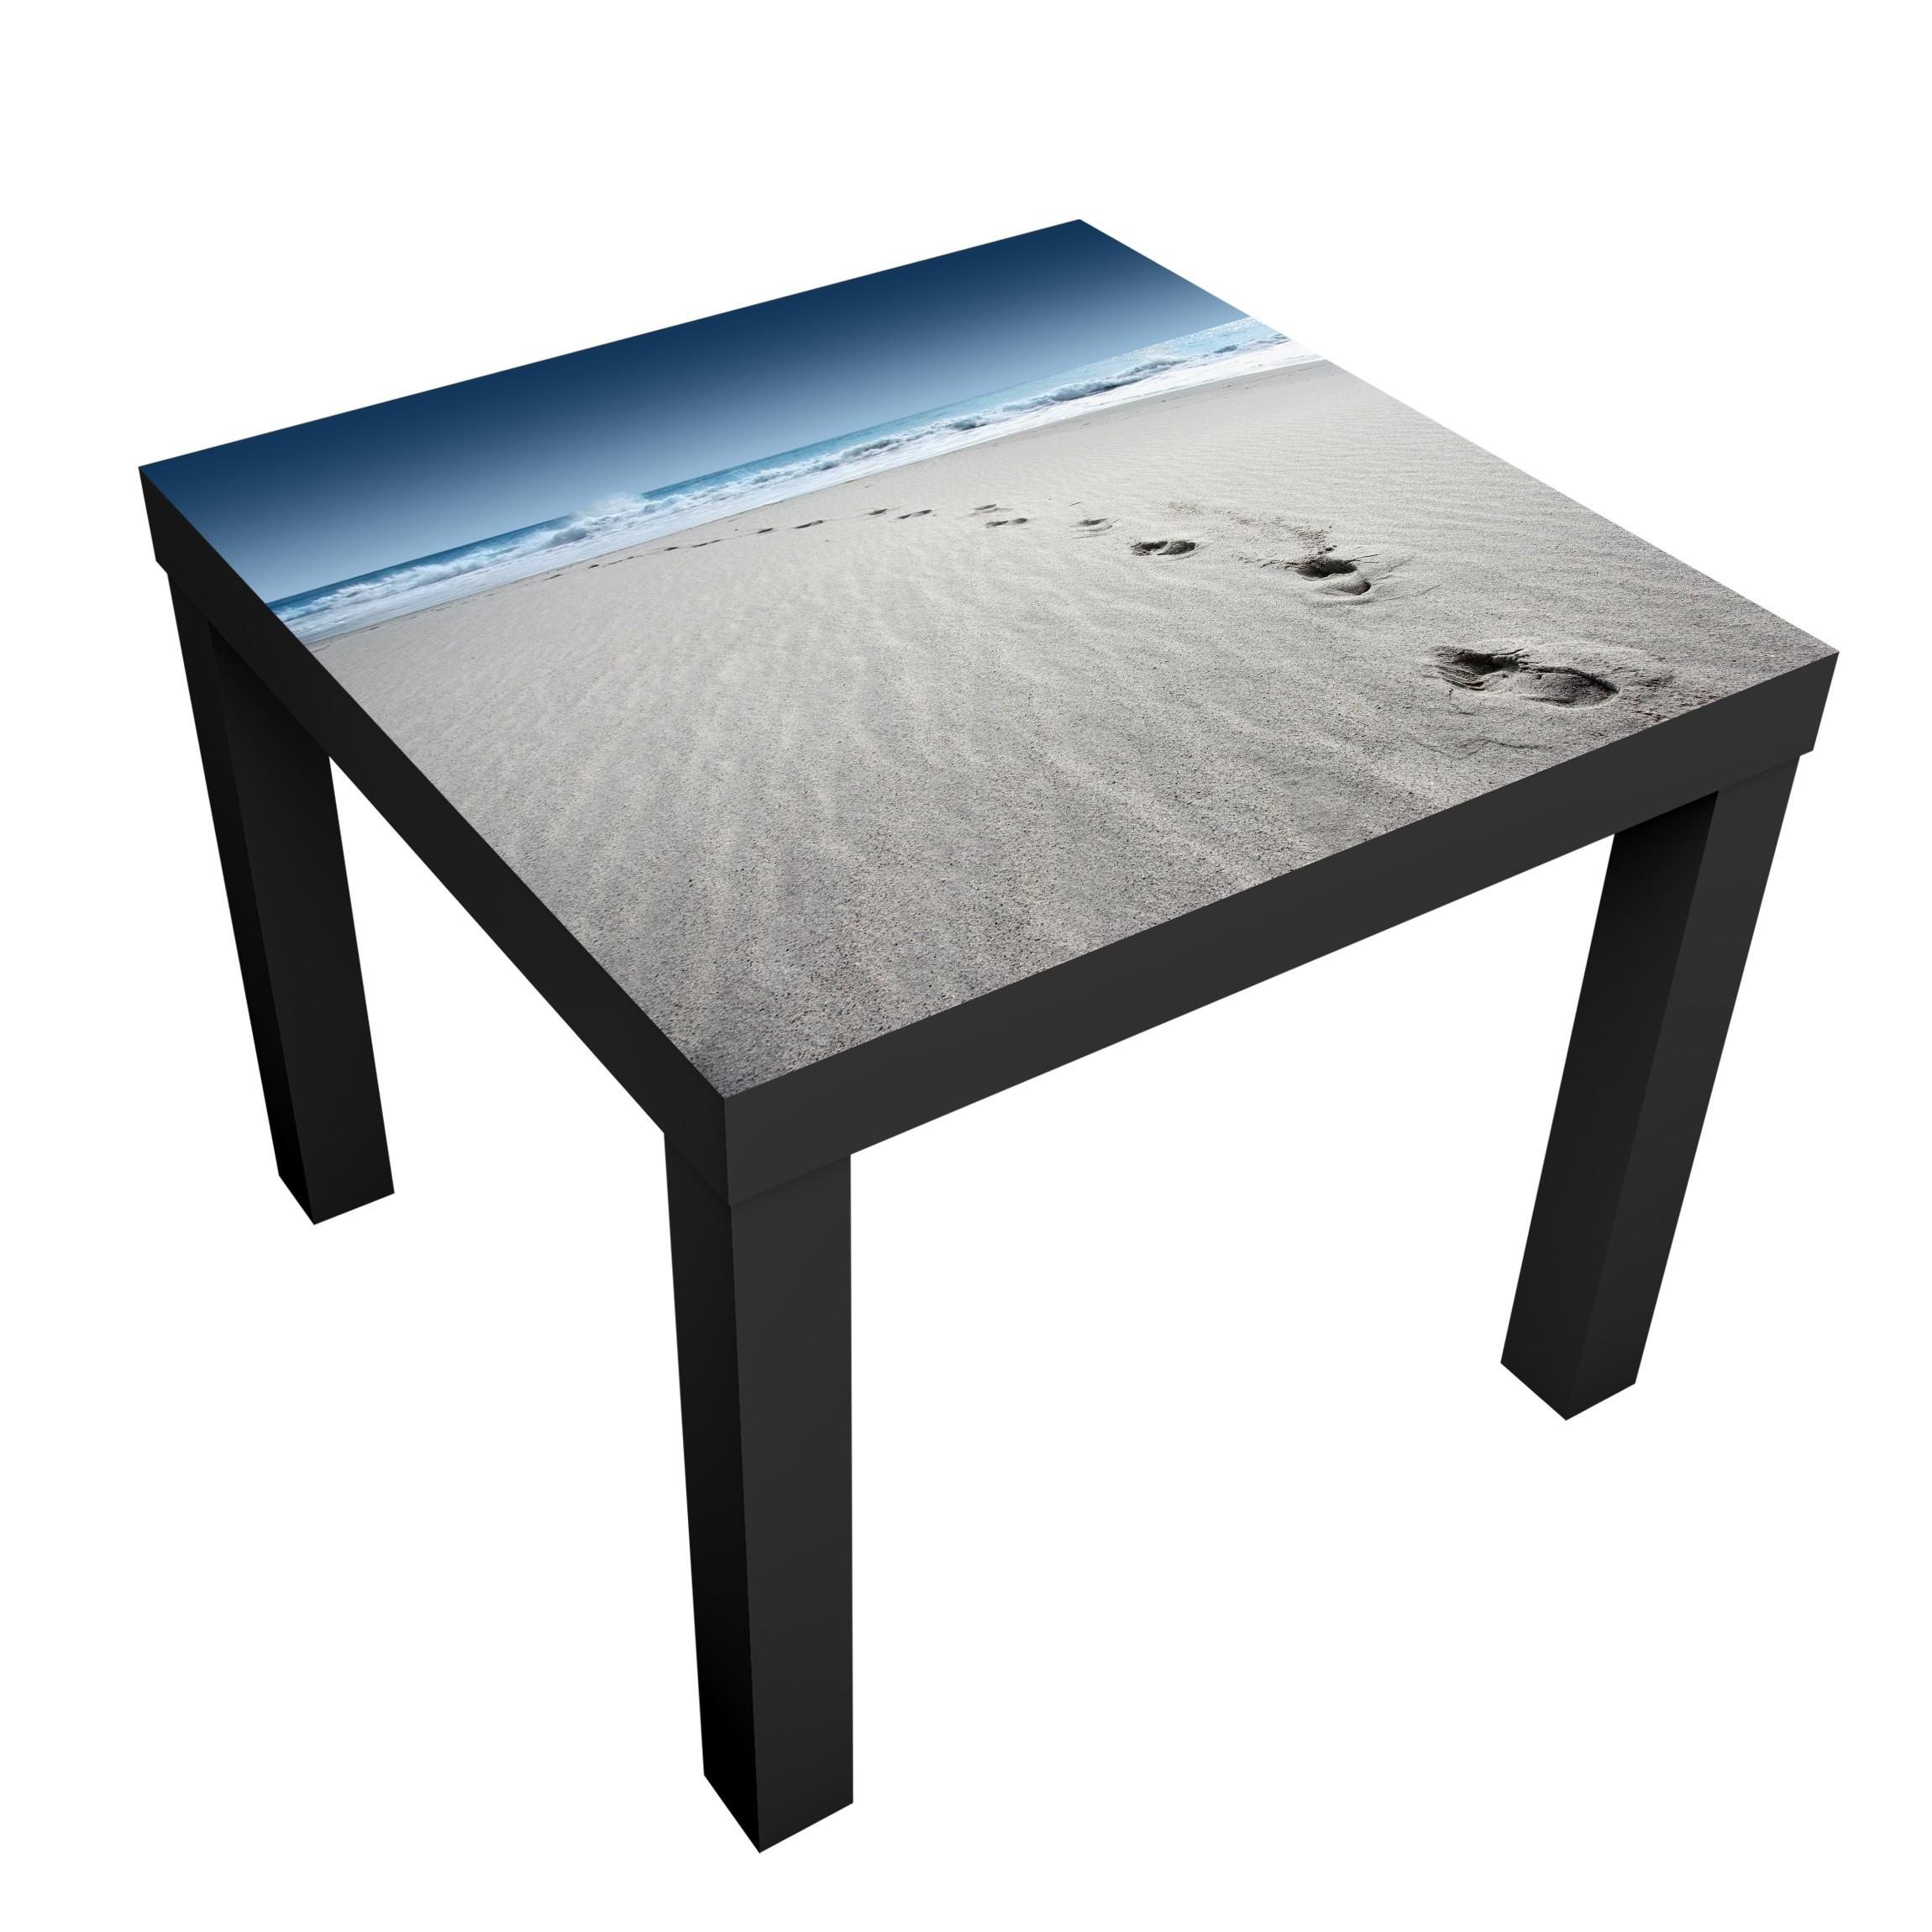 Carta adesiva per mobili ikea lack tavolino footprints in the sand - Carta adesiva colorata per mobili ...